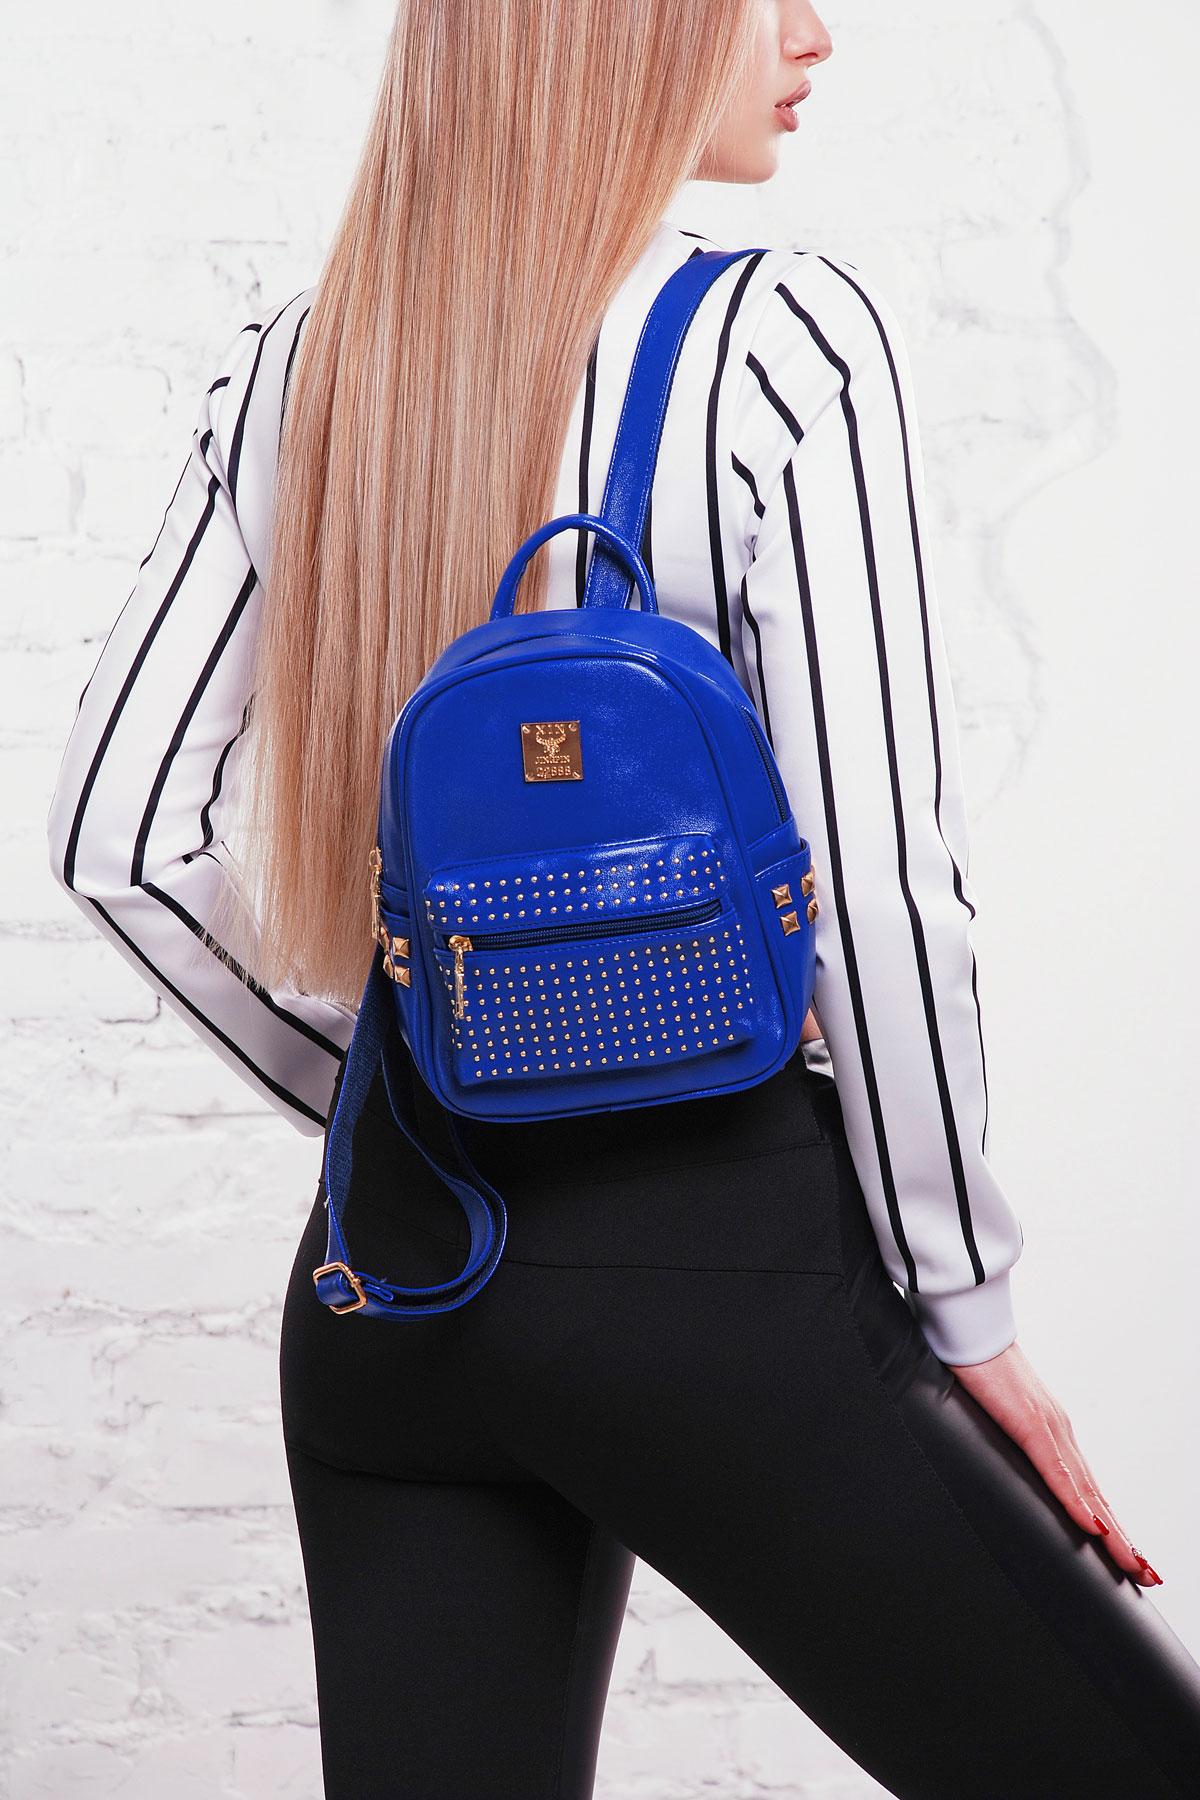 3f067ac1f6fc Цвет: электрик купить · небольшой рюкзак жемчужного цвета. Рюкзак 610. Цвет:  электрик цена